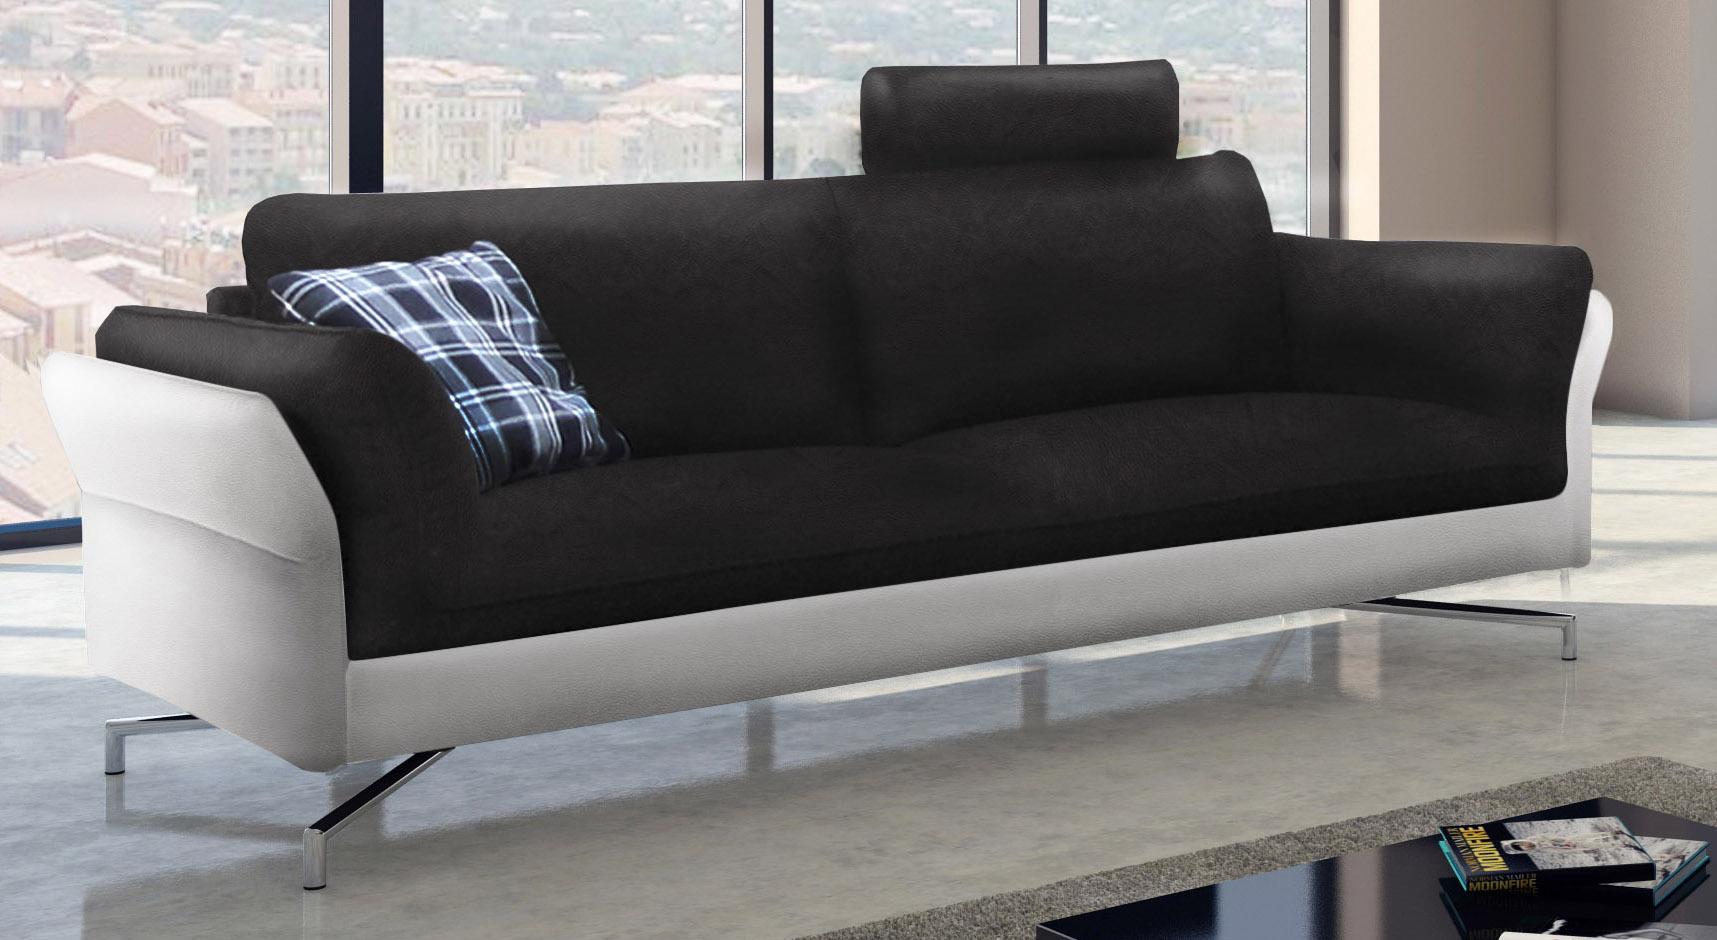 sam design sofa garnitur 2 3 sitzer schwarz wei vivano. Black Bedroom Furniture Sets. Home Design Ideas